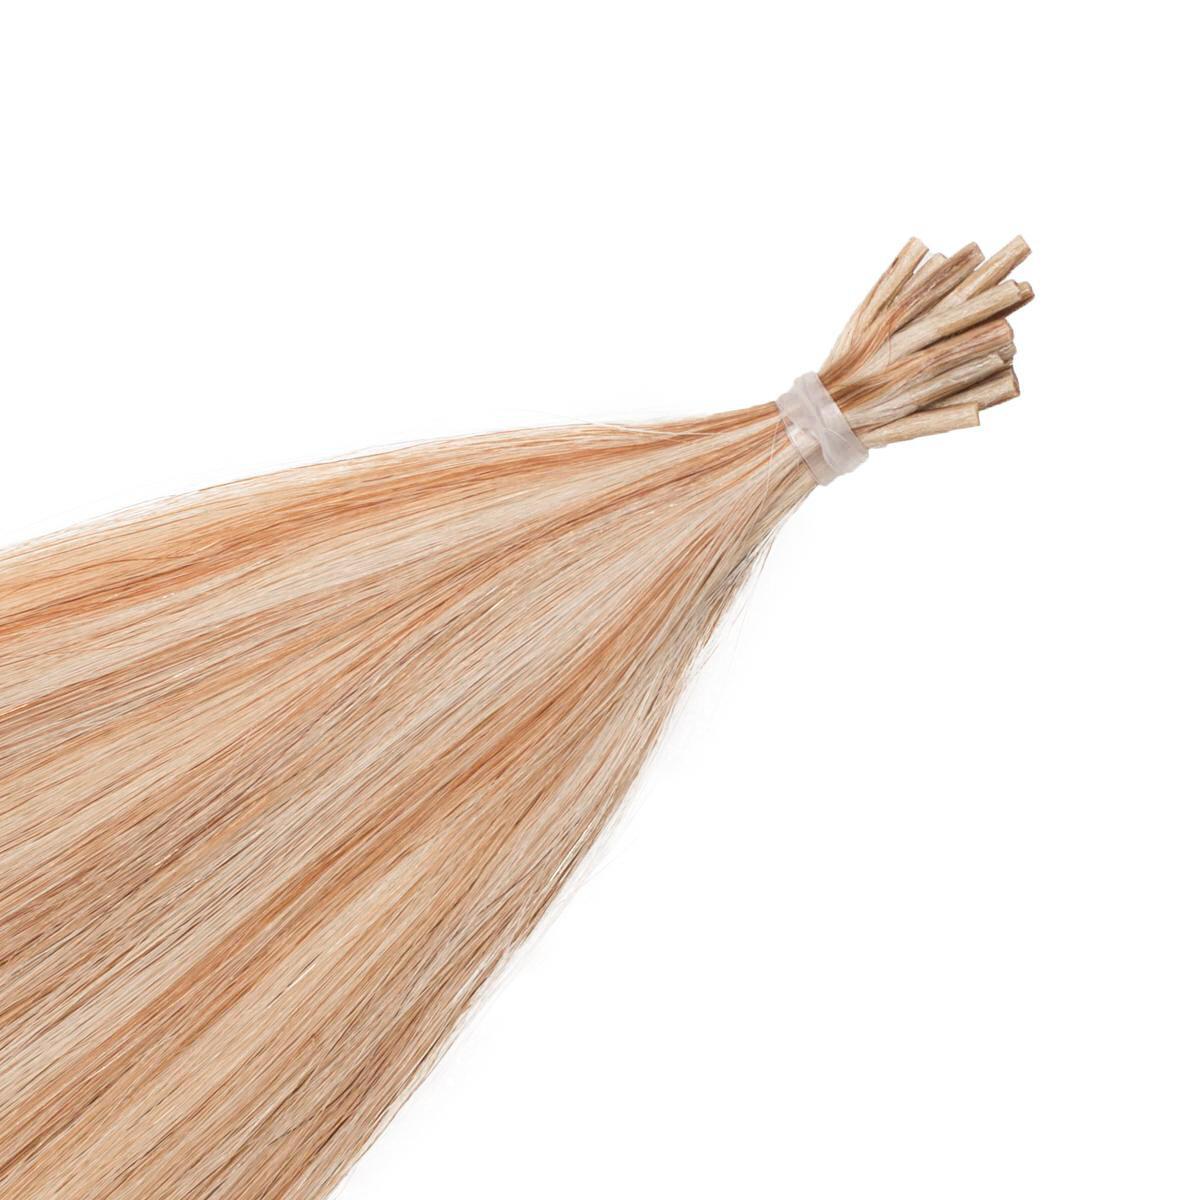 Stick Hair Original Straight M7.4/8.0 Summer Blonde Mix 50 cm